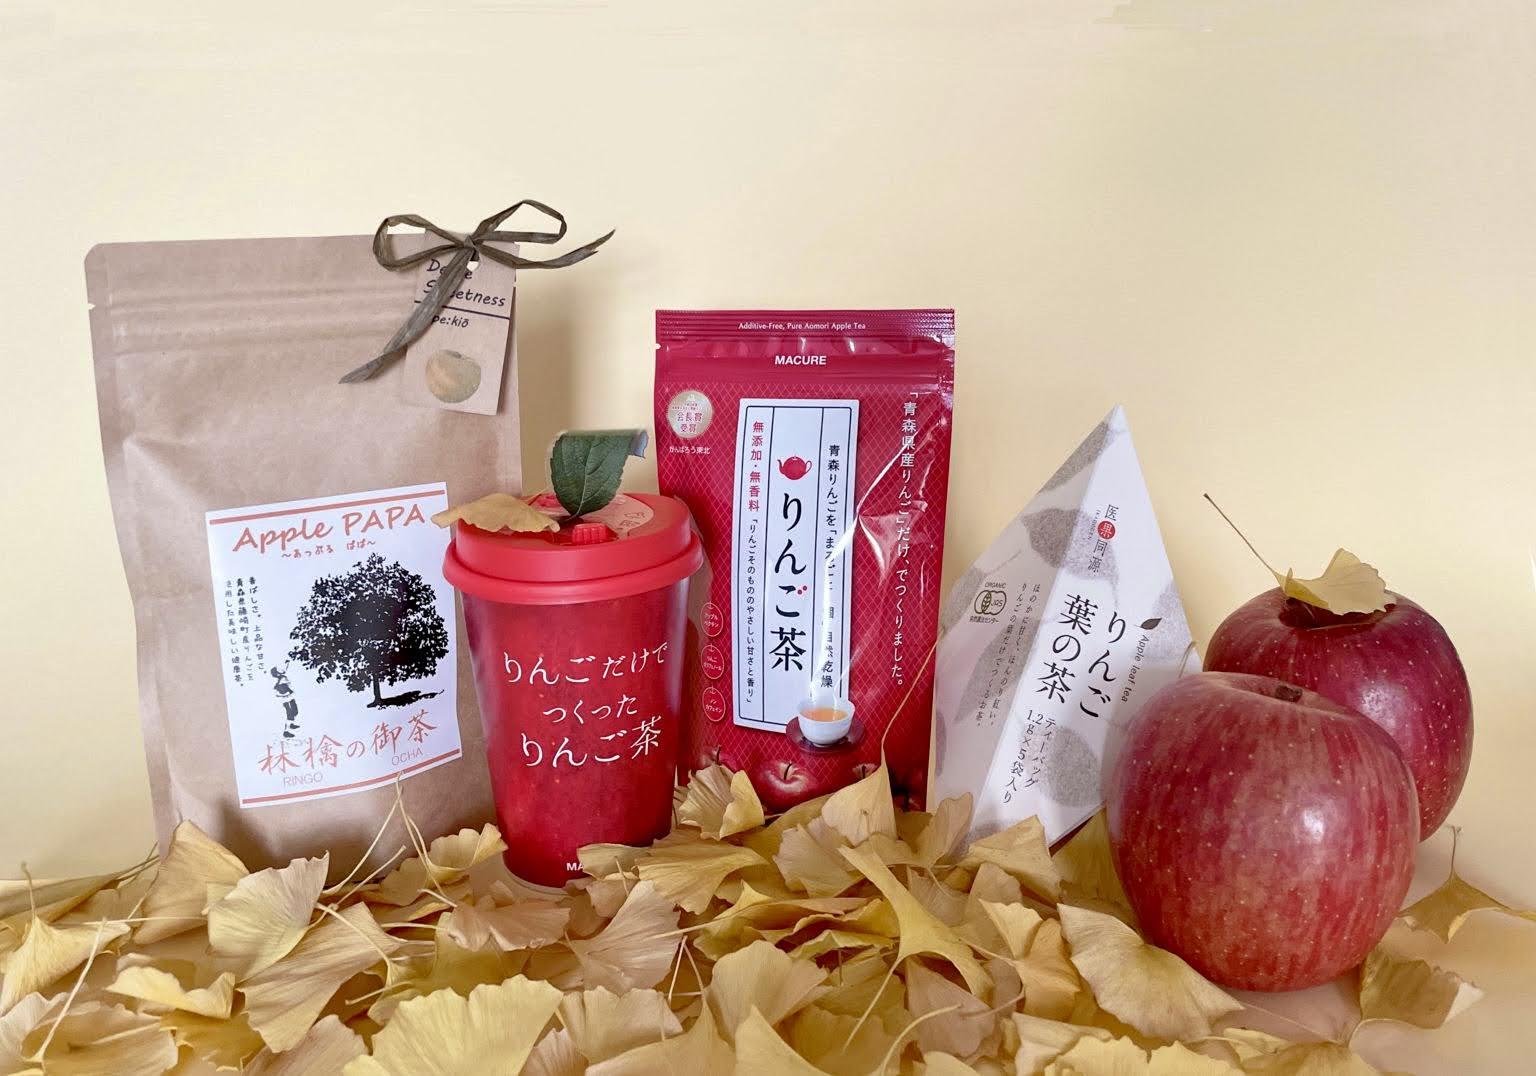 原材料はりんごだけ!青森りんごでできたお茶